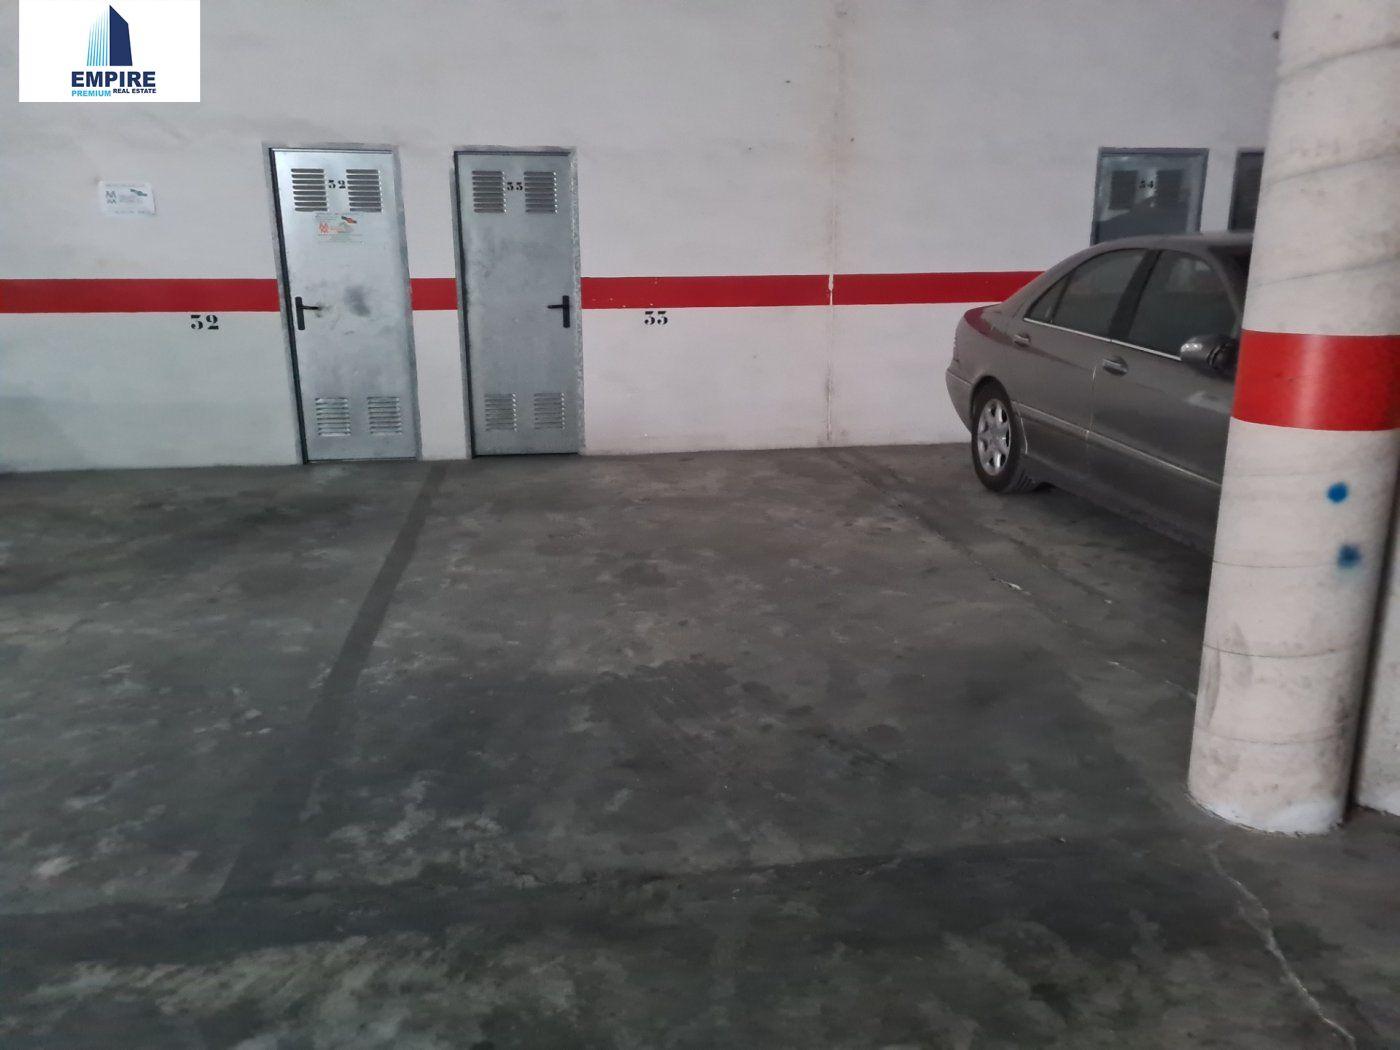 Alquiler Parking coche  Benidorm ,levante. Oportunidad en levante garaje y trastero